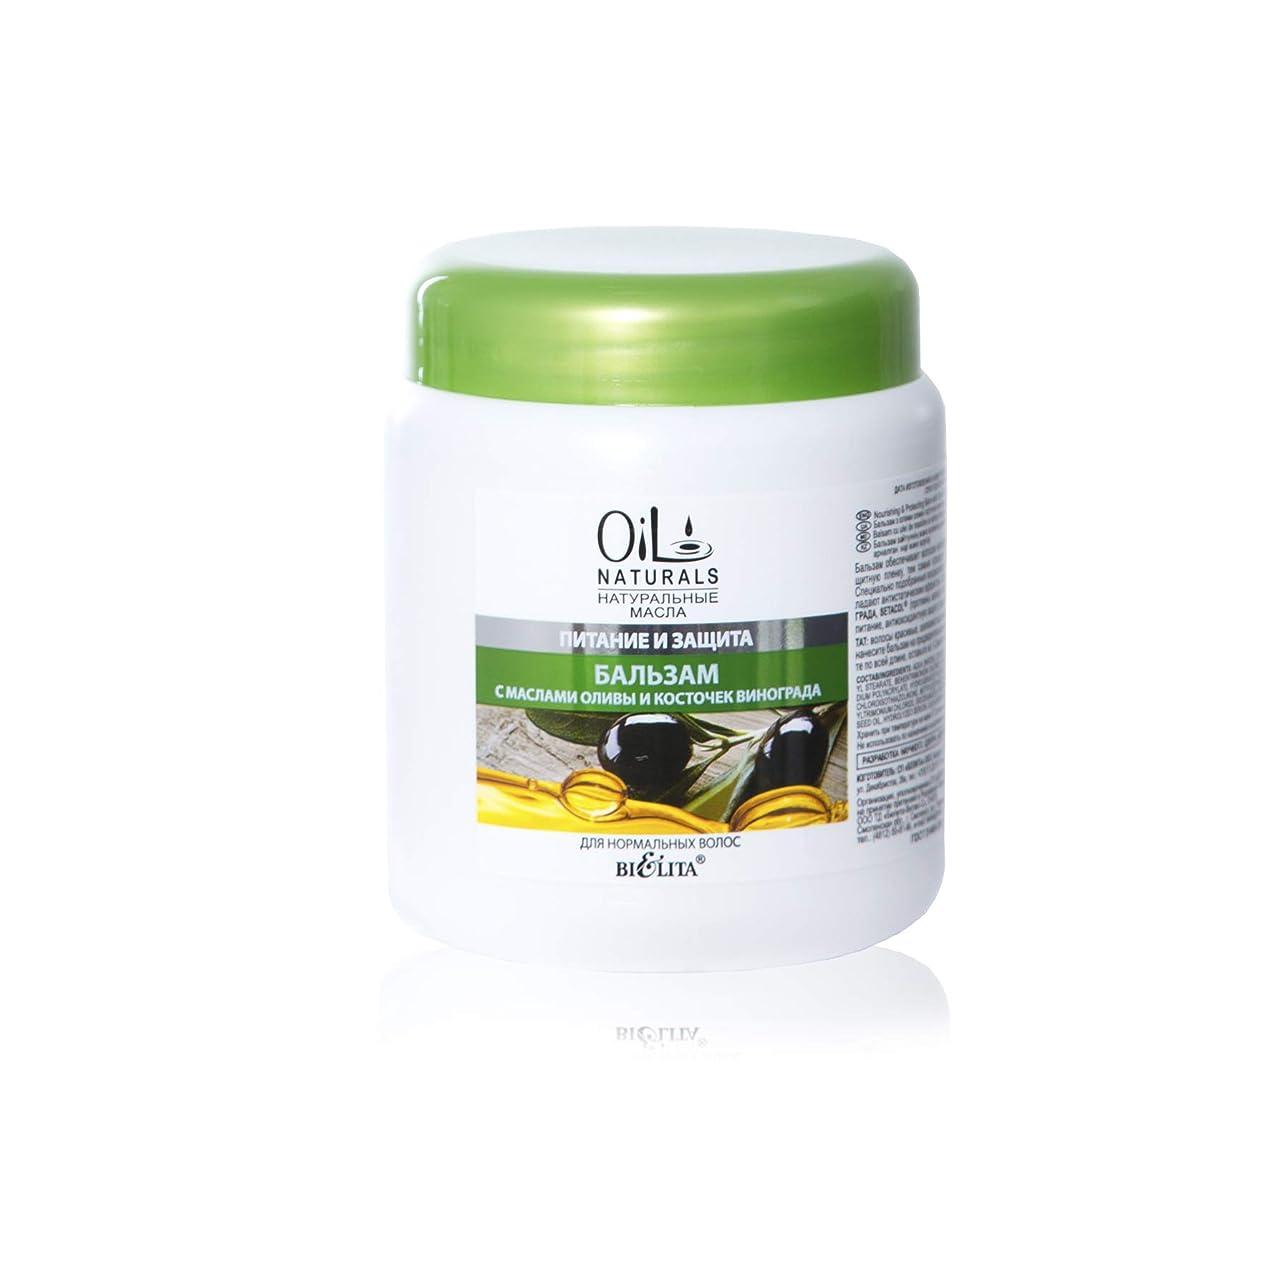 遷移判読できない蒸気Bielita & Vitex Oil Naturals Line | Nutrition & Protection Balm for Normal Hair, 450 ml | Grape Seed Oil, Silk Proteins, Olive Oil, Vitamins